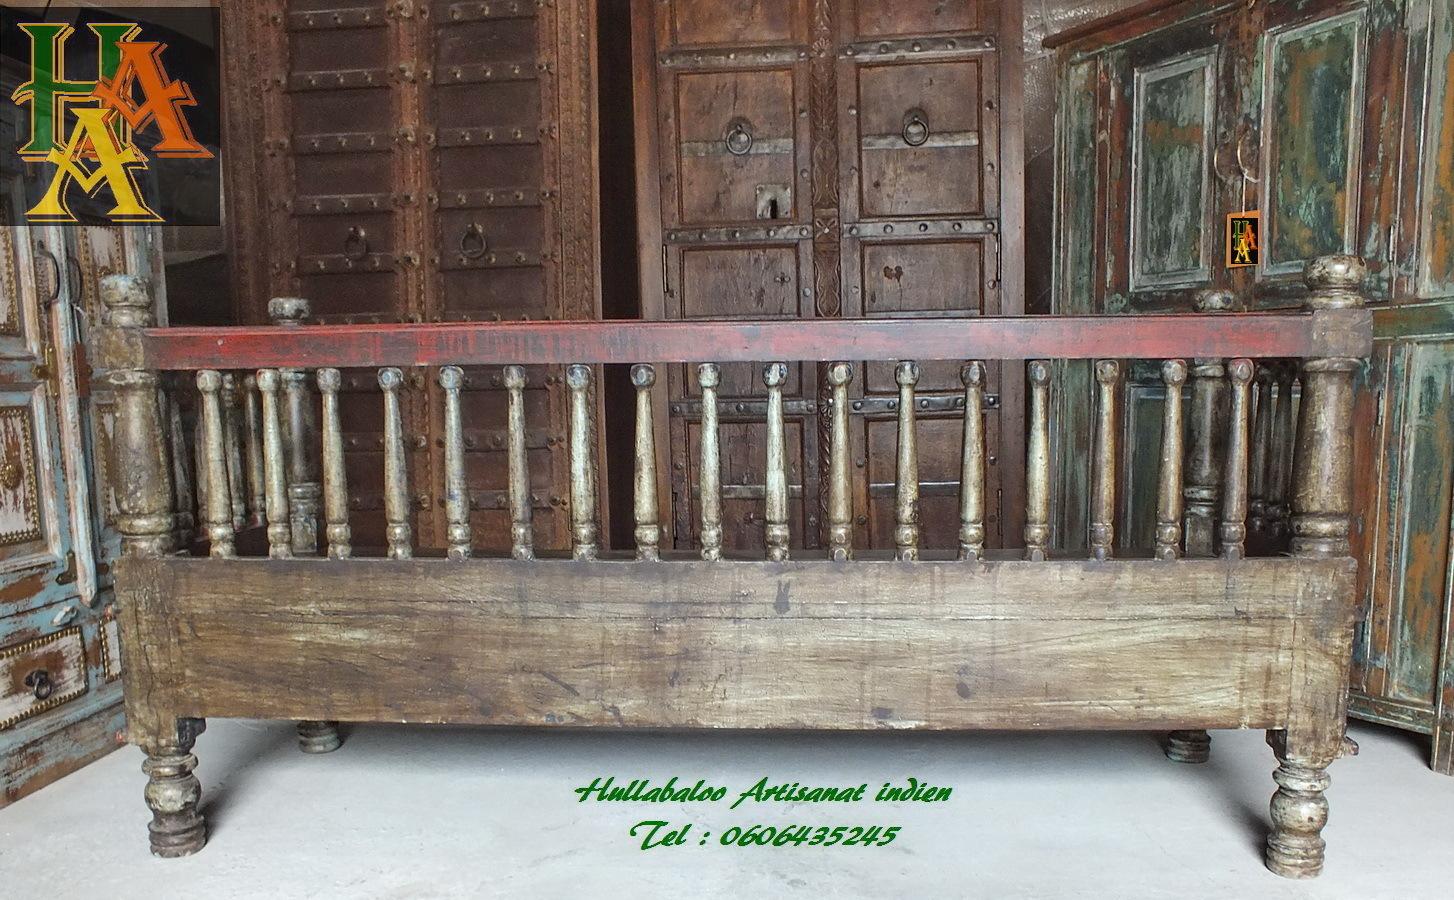 Banc vieux banc indien jn7 la628 meubles indiens bancs inde for Meubles indiens anciens